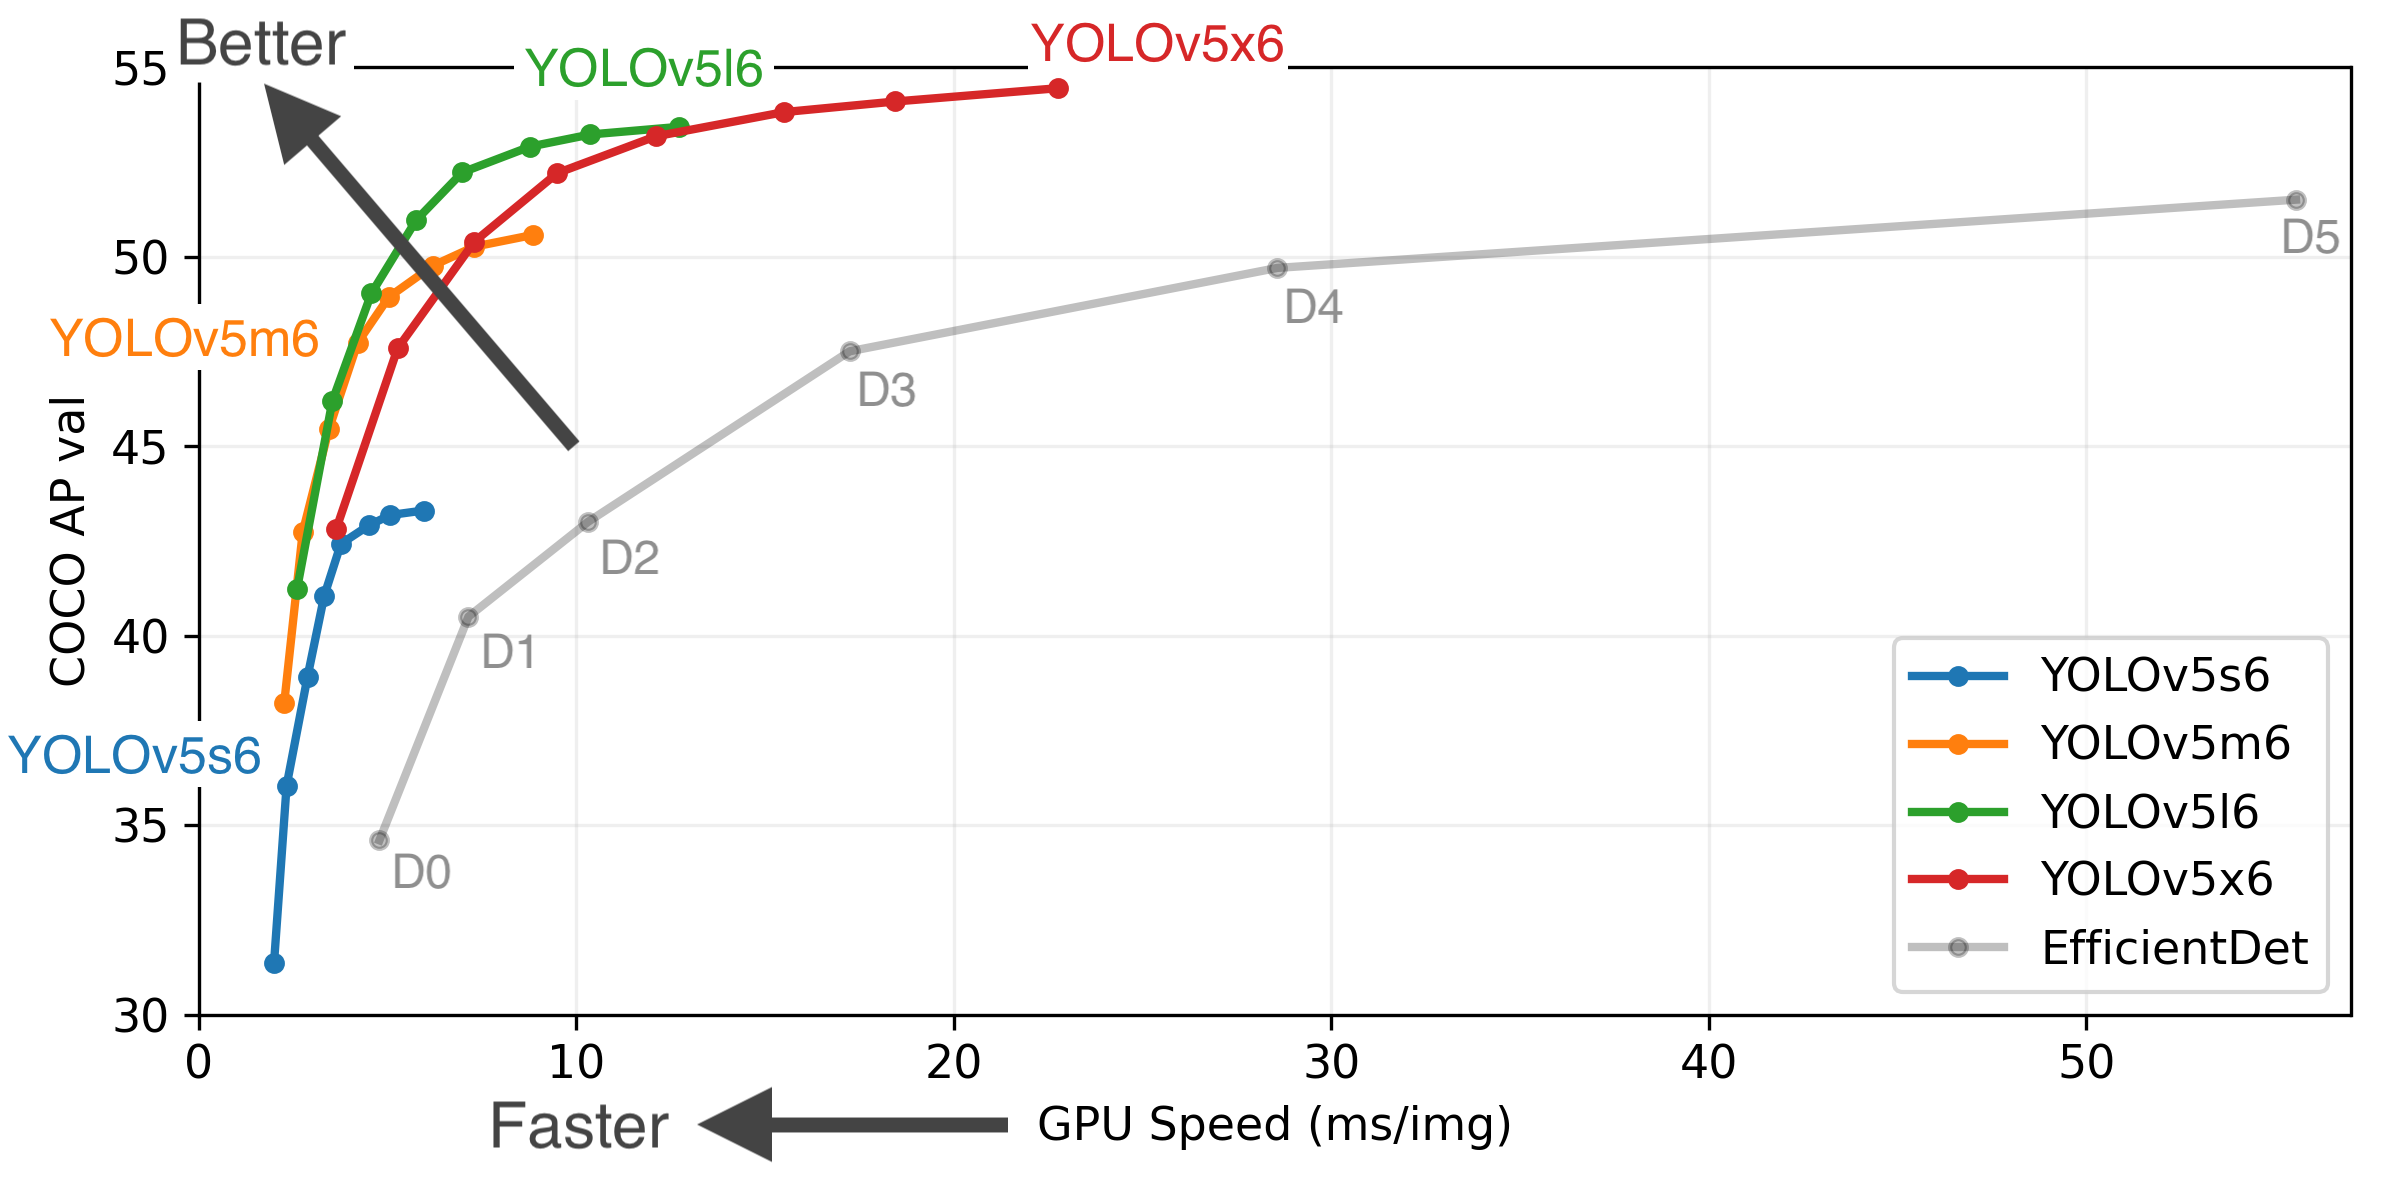 So sánh tốc độ và thời gian xử lý của các model YOLOv5